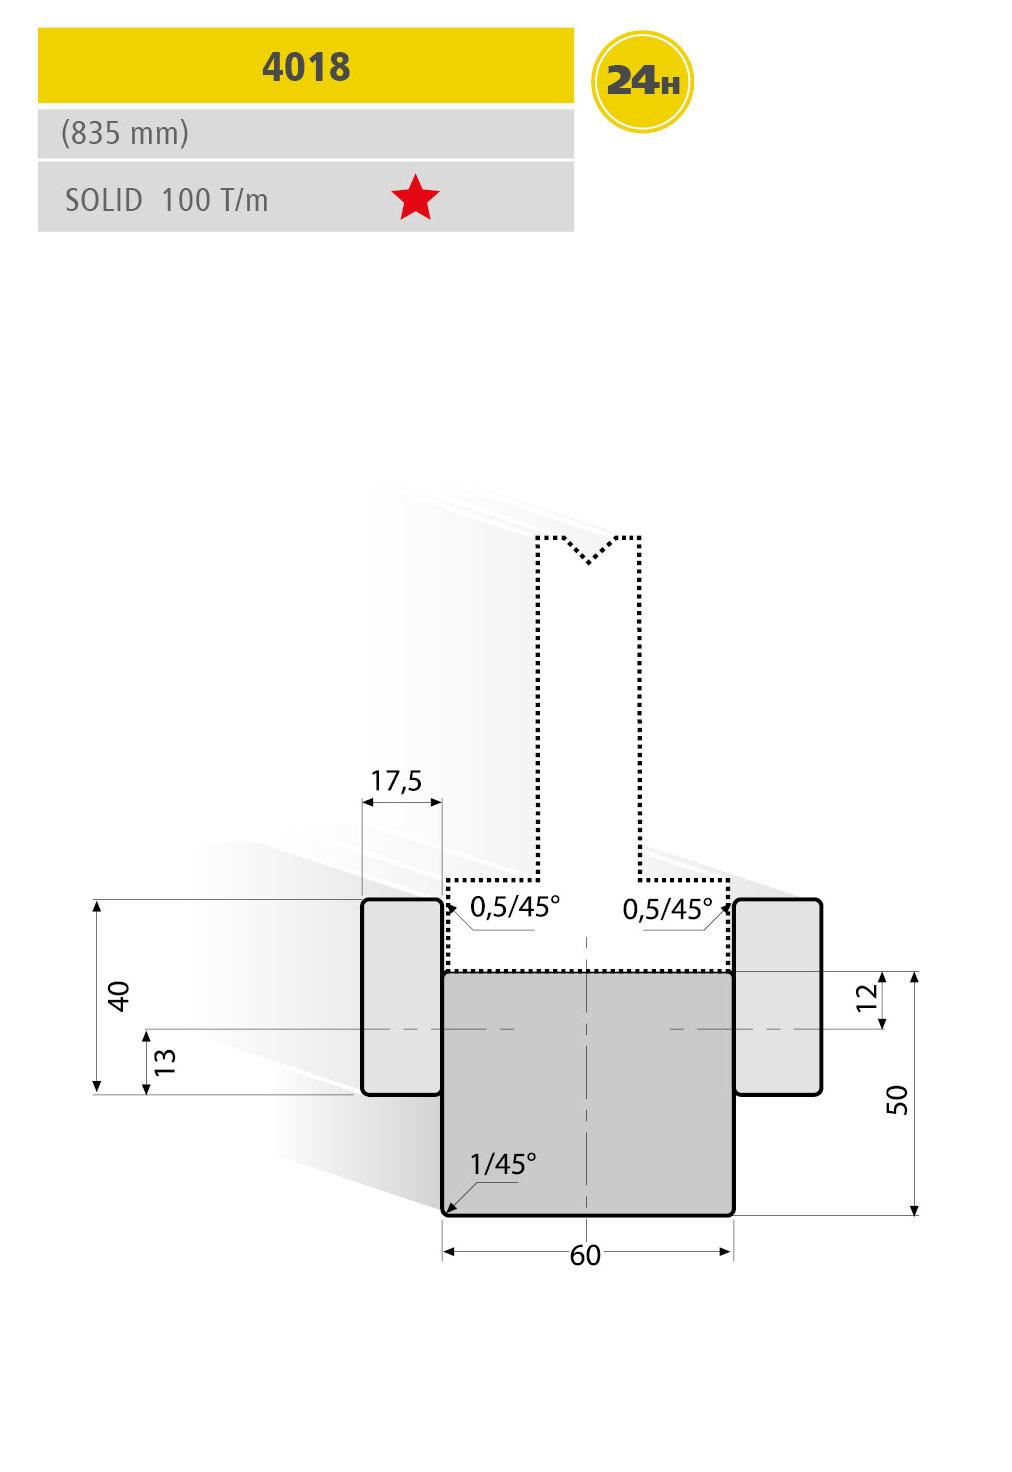 d8hdsvfq04-126